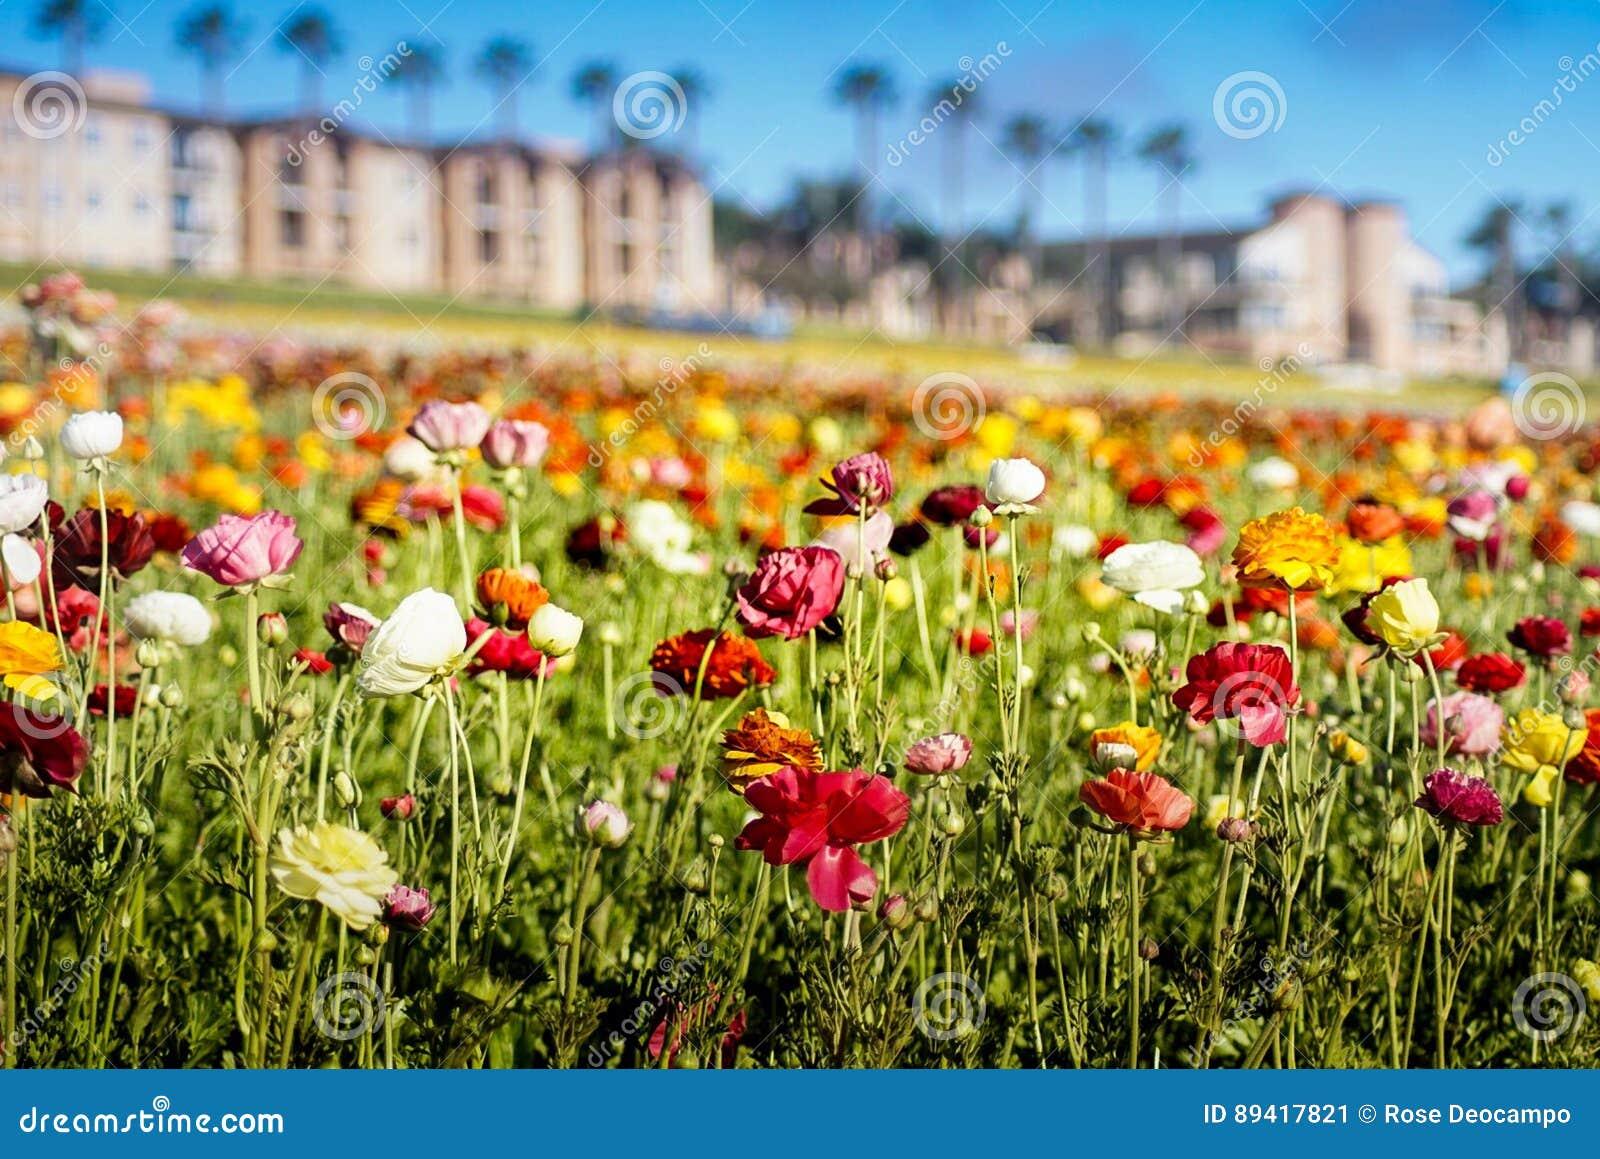 Campos de flor em Carlsbad